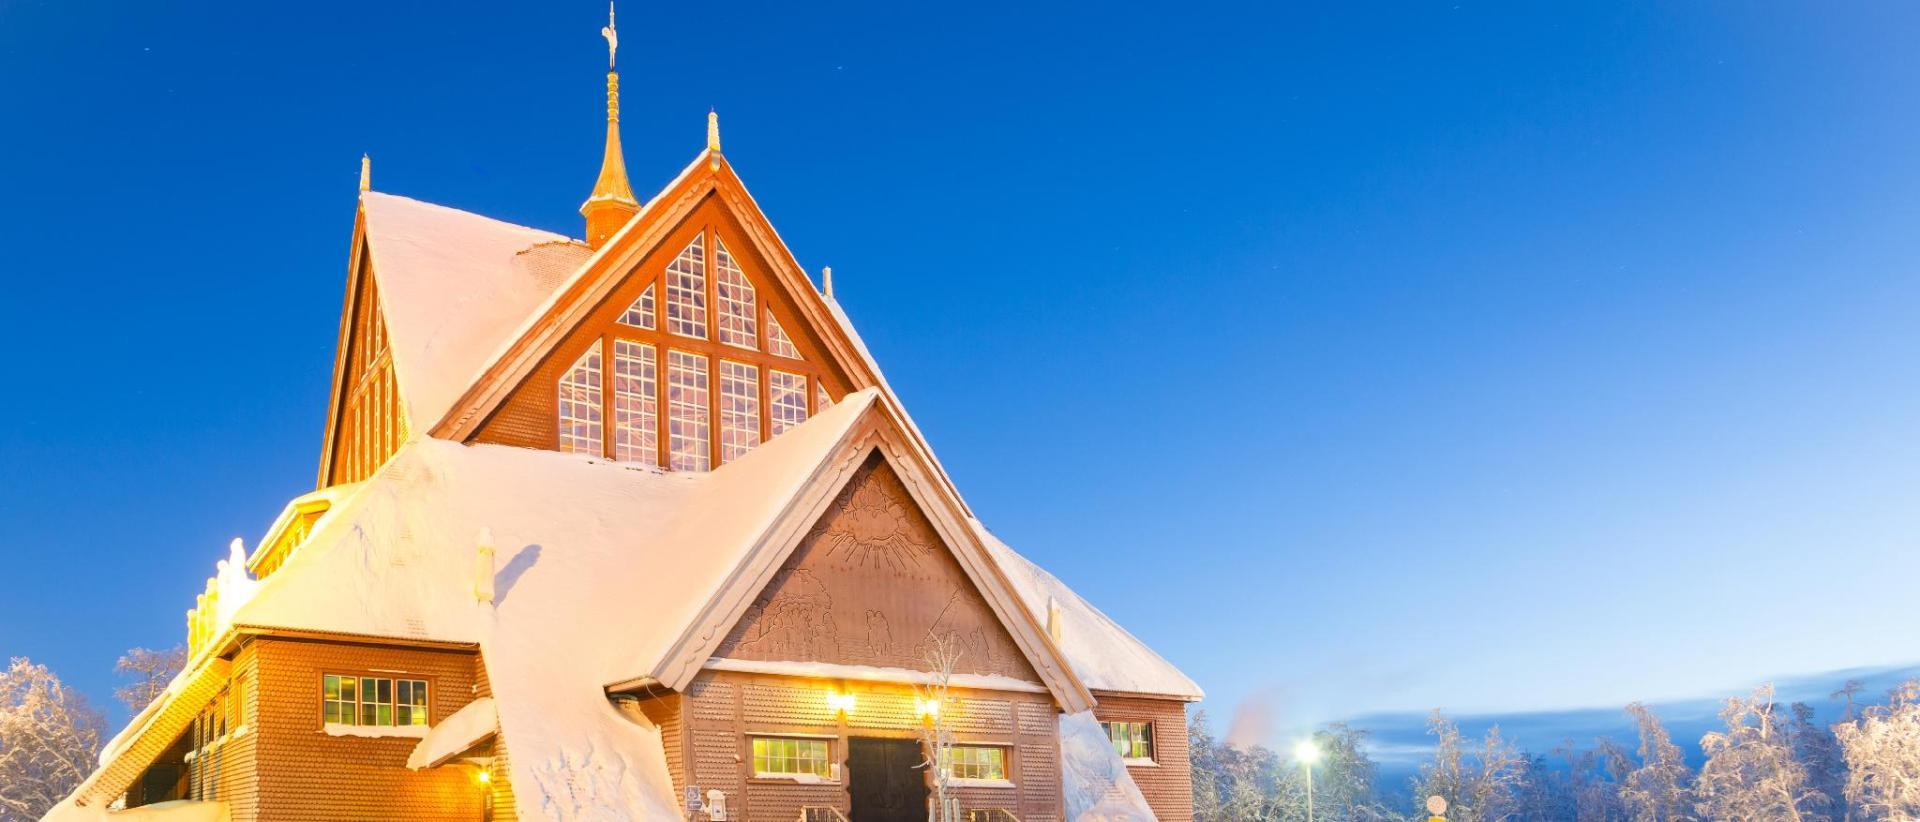 Kiruna City Center Kiiruna Hotellit Ja Kartat Alueella Kiruna